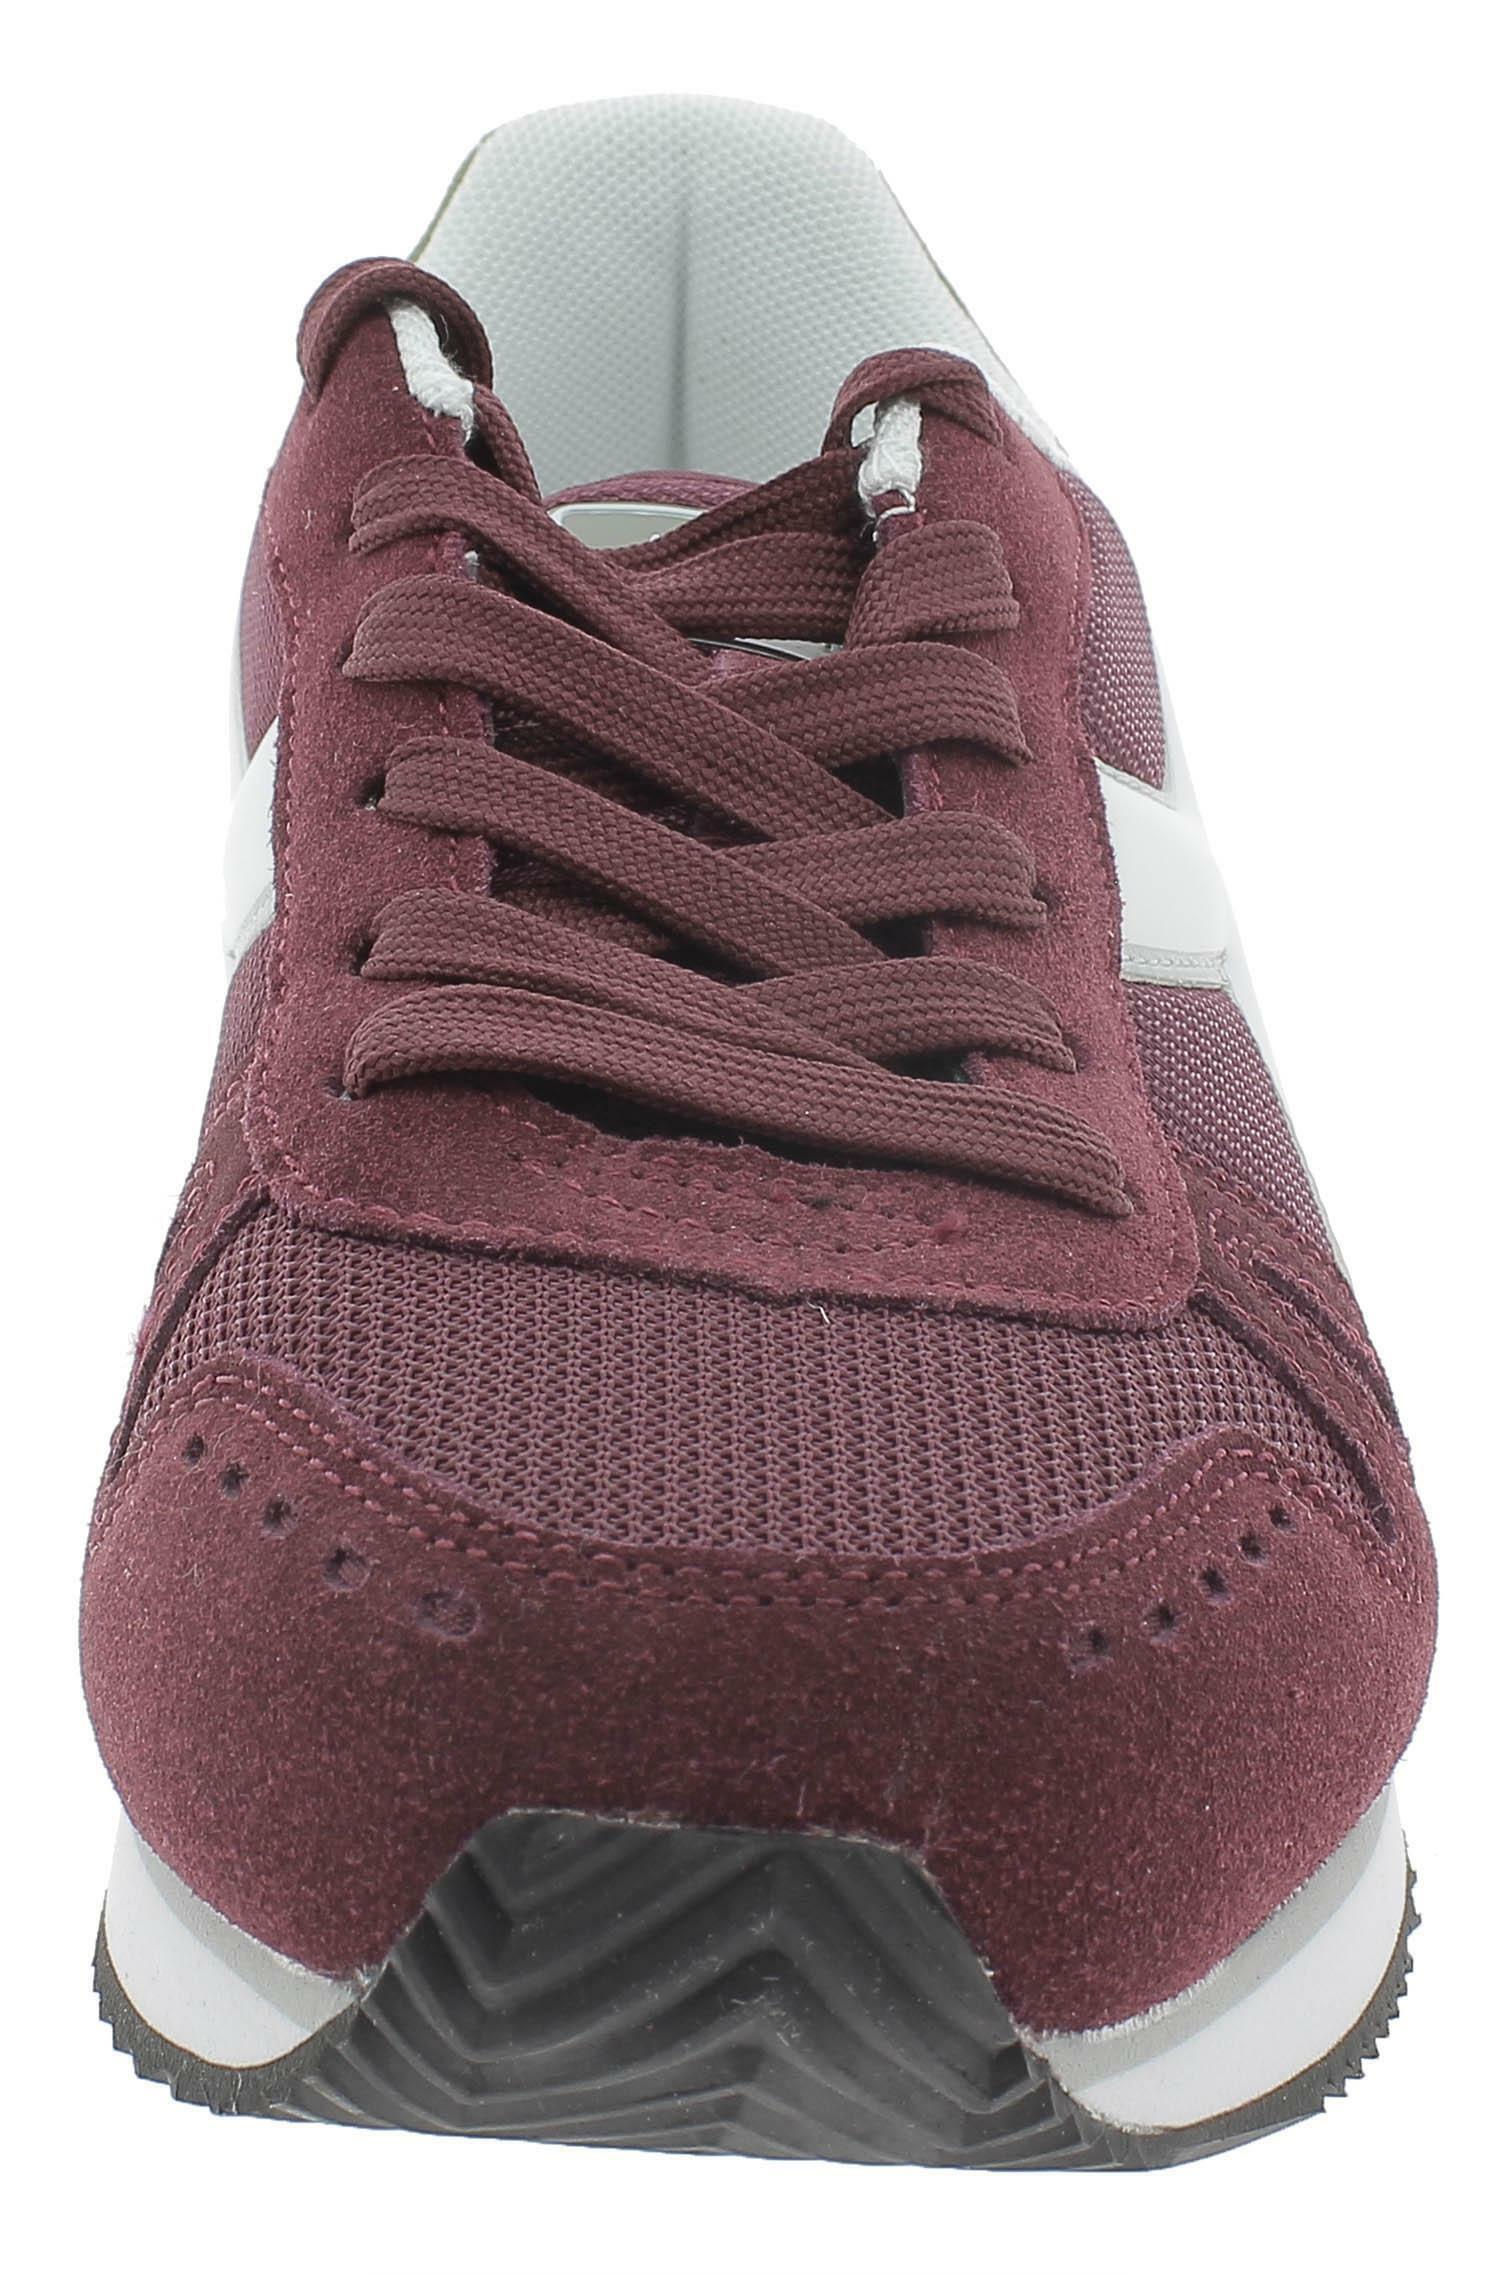 Diadora simple run scarpe sportive uomo bordeaux 17374555086